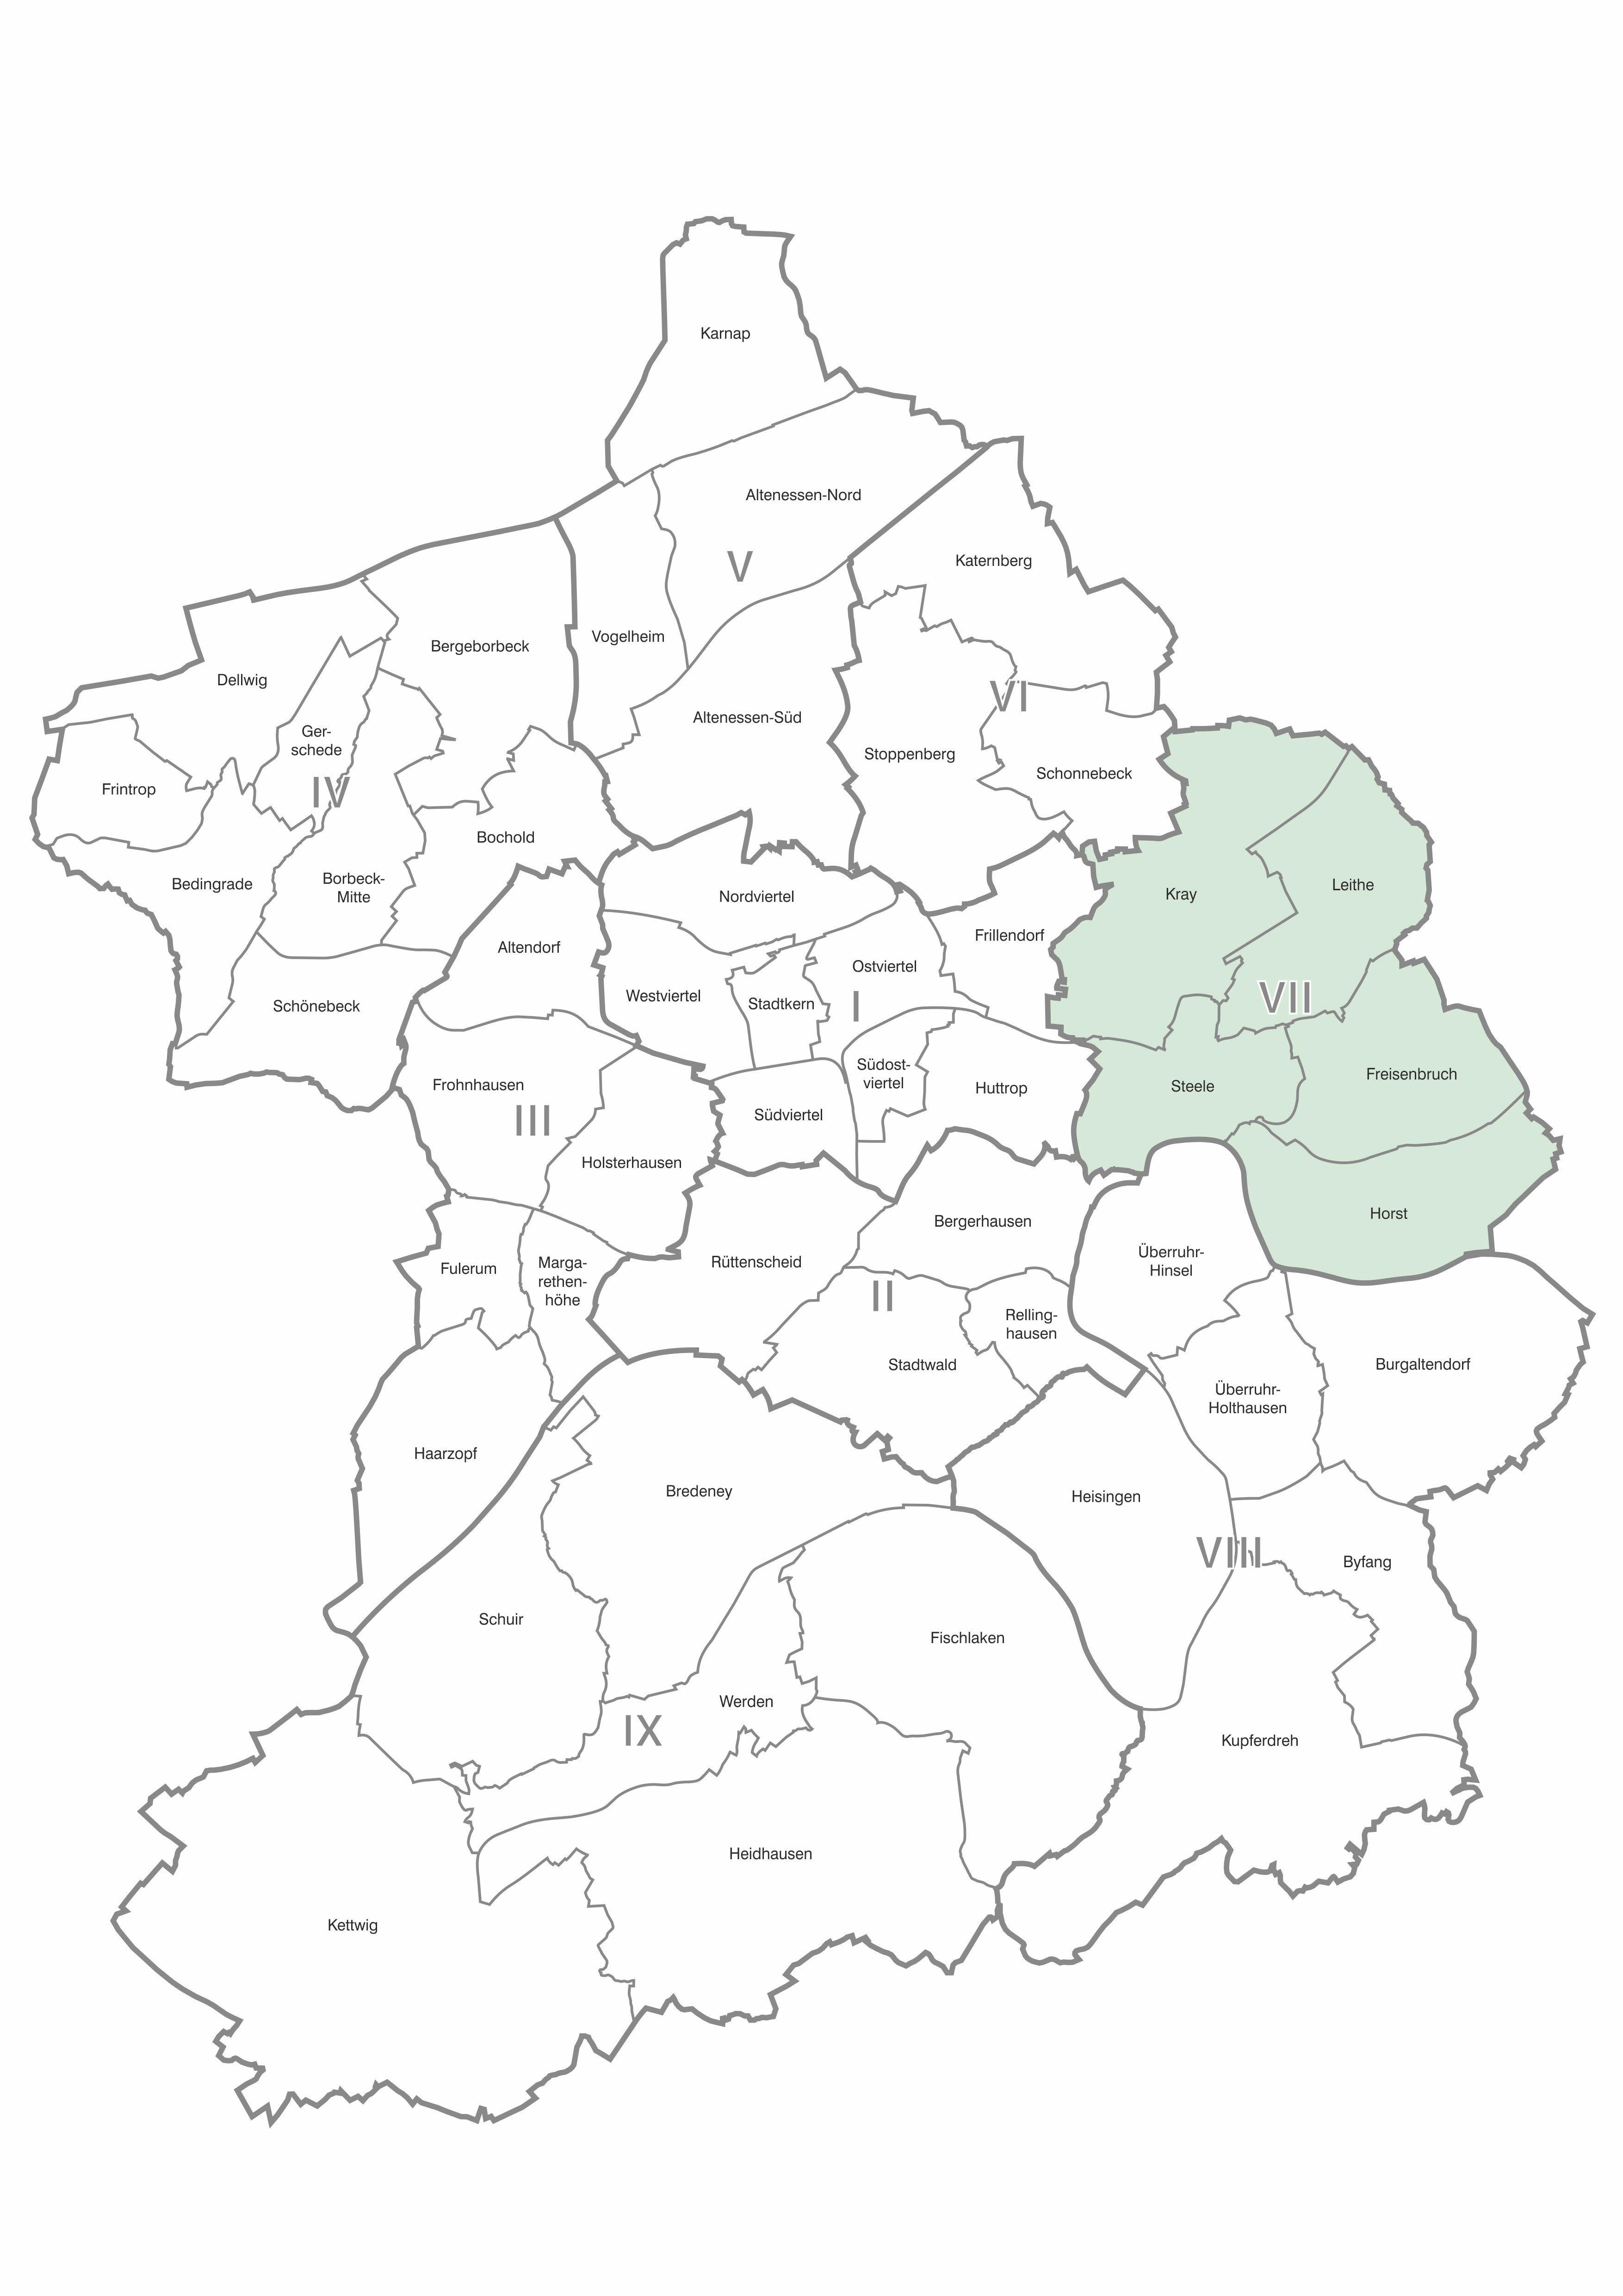 Karte der Stadtteile und Bezirke Essen, Bezirk 7